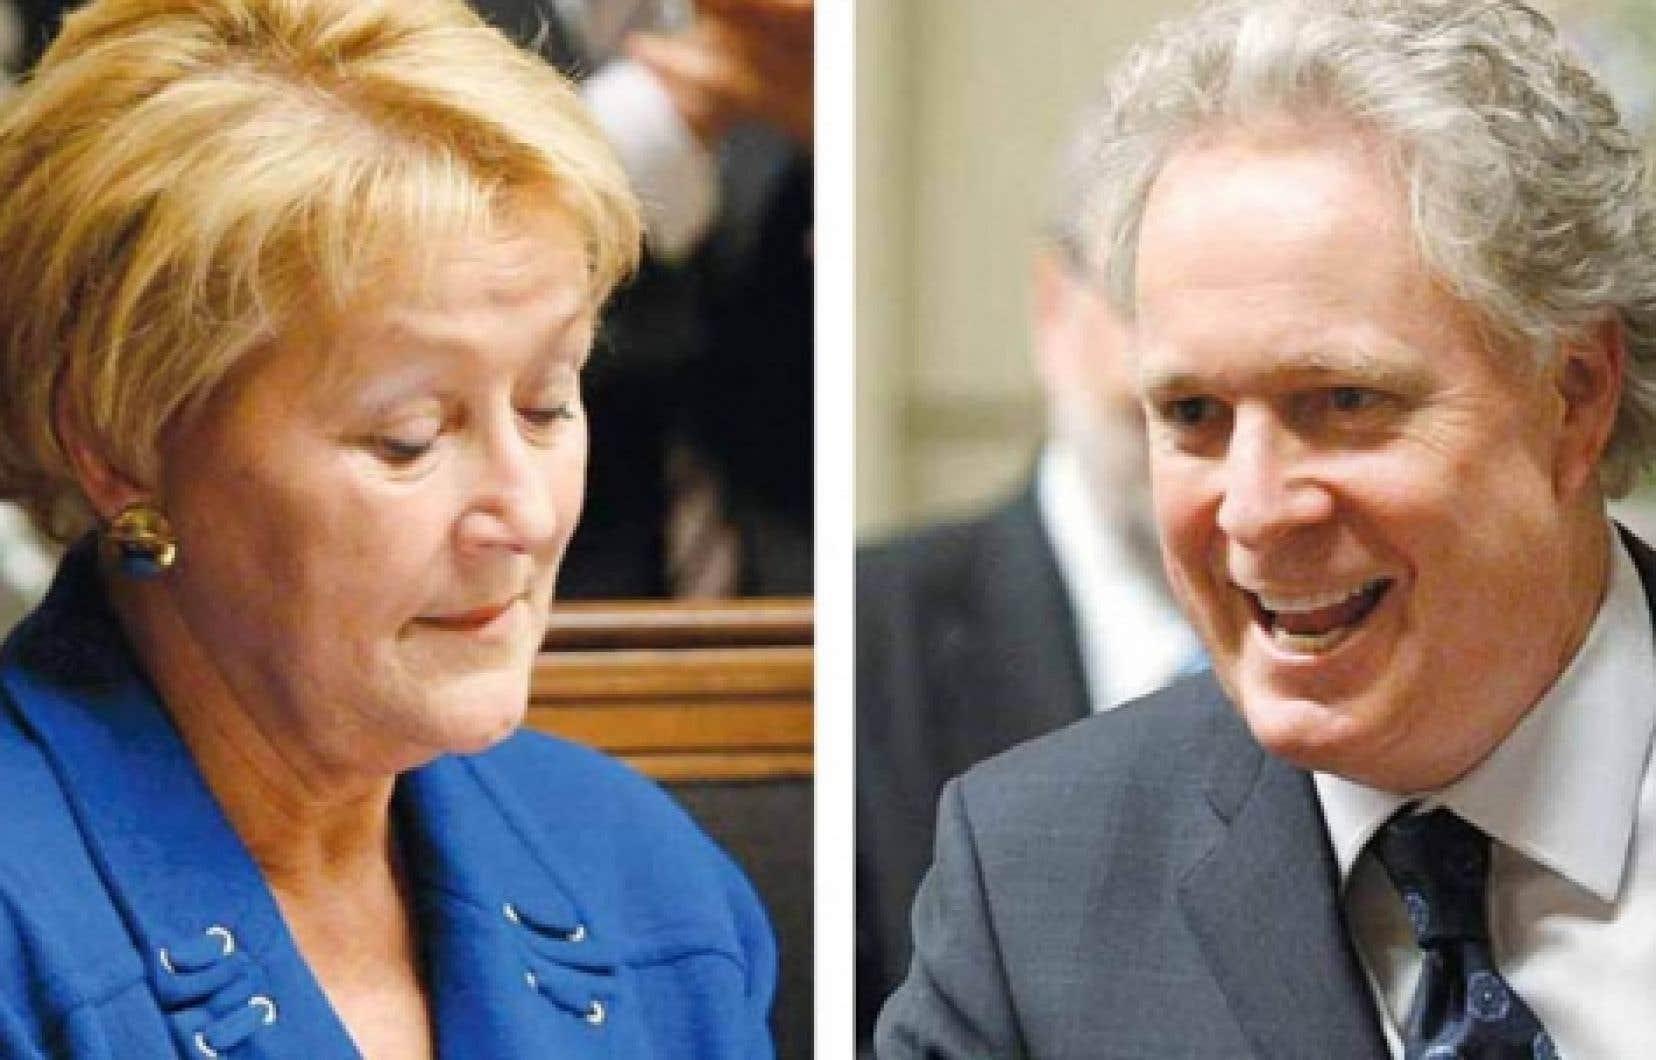 La chef de l'opposition officielle, Pauline Marois, et le premier ministre Jean Charest, à l'issue du vote d'hier sur la motion de censure.